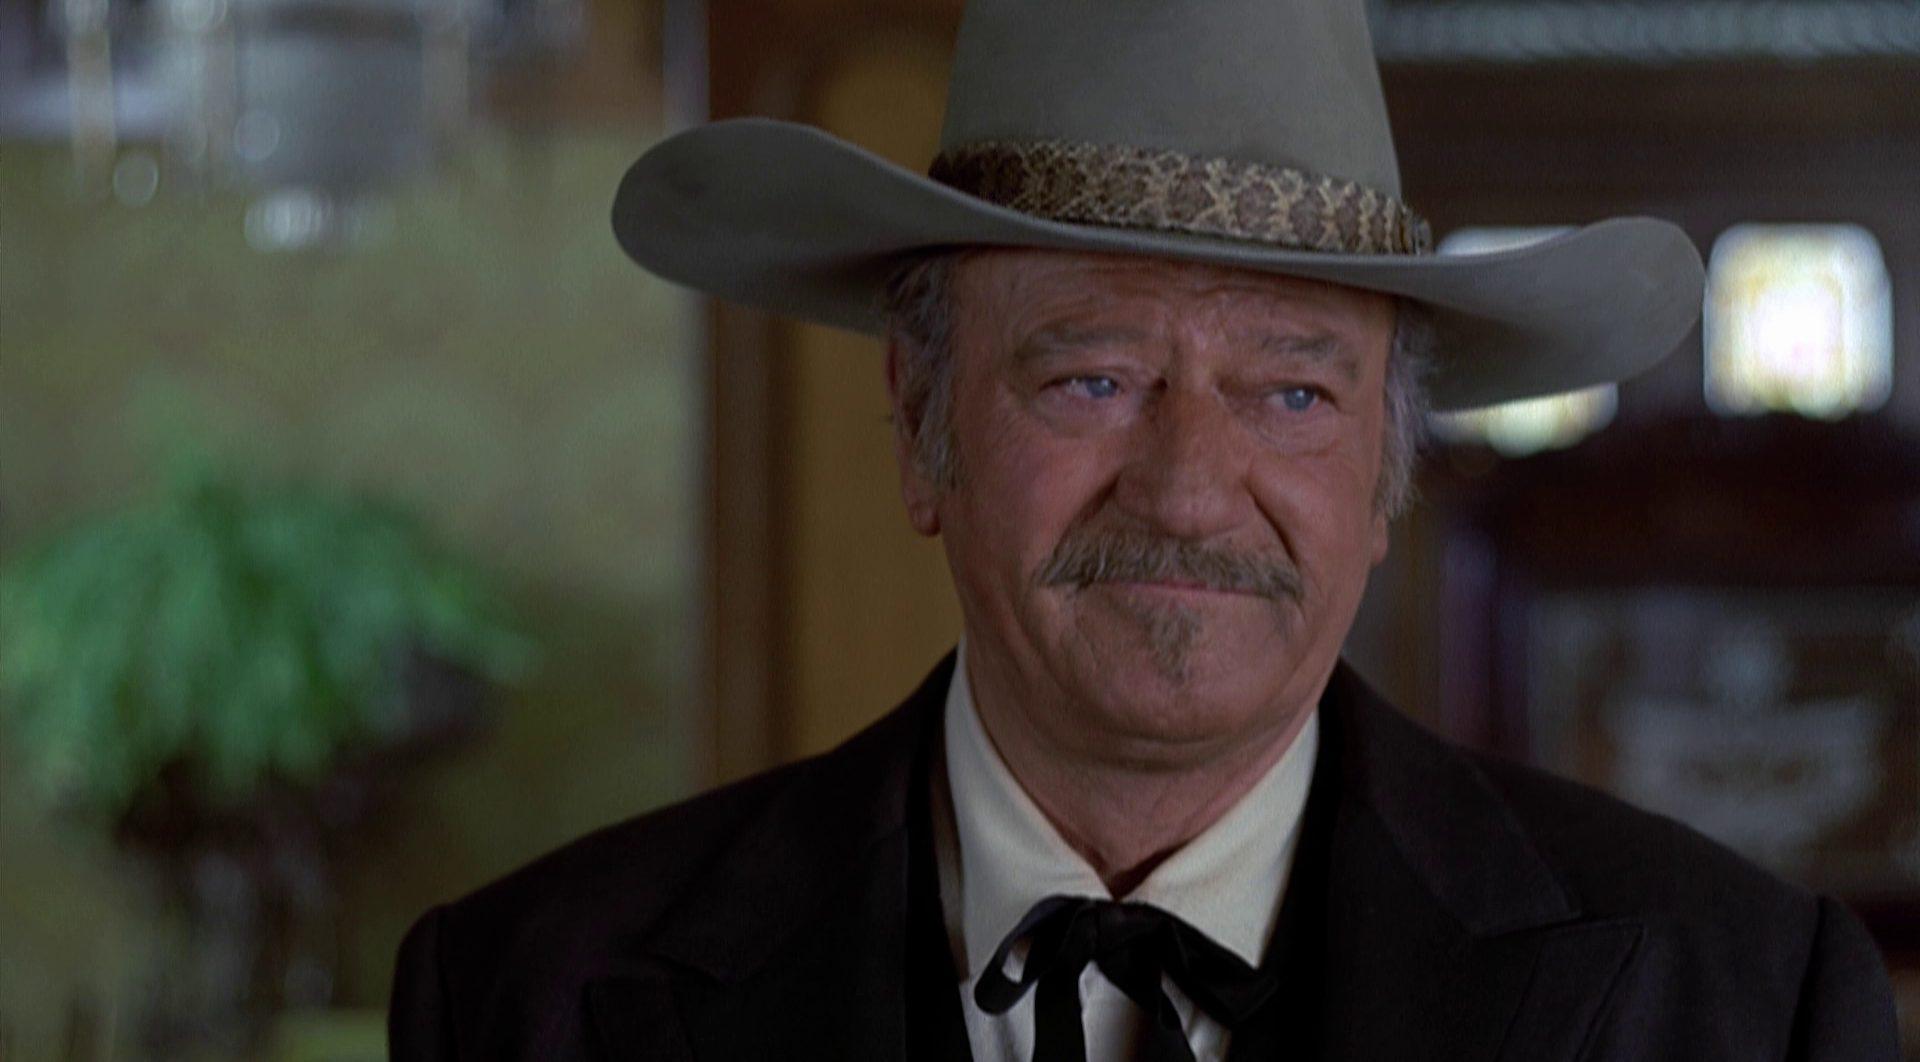 Nahaufnahme von John Wayne als J.B. Book mit bedenklichem Gesicht und großem Hut.